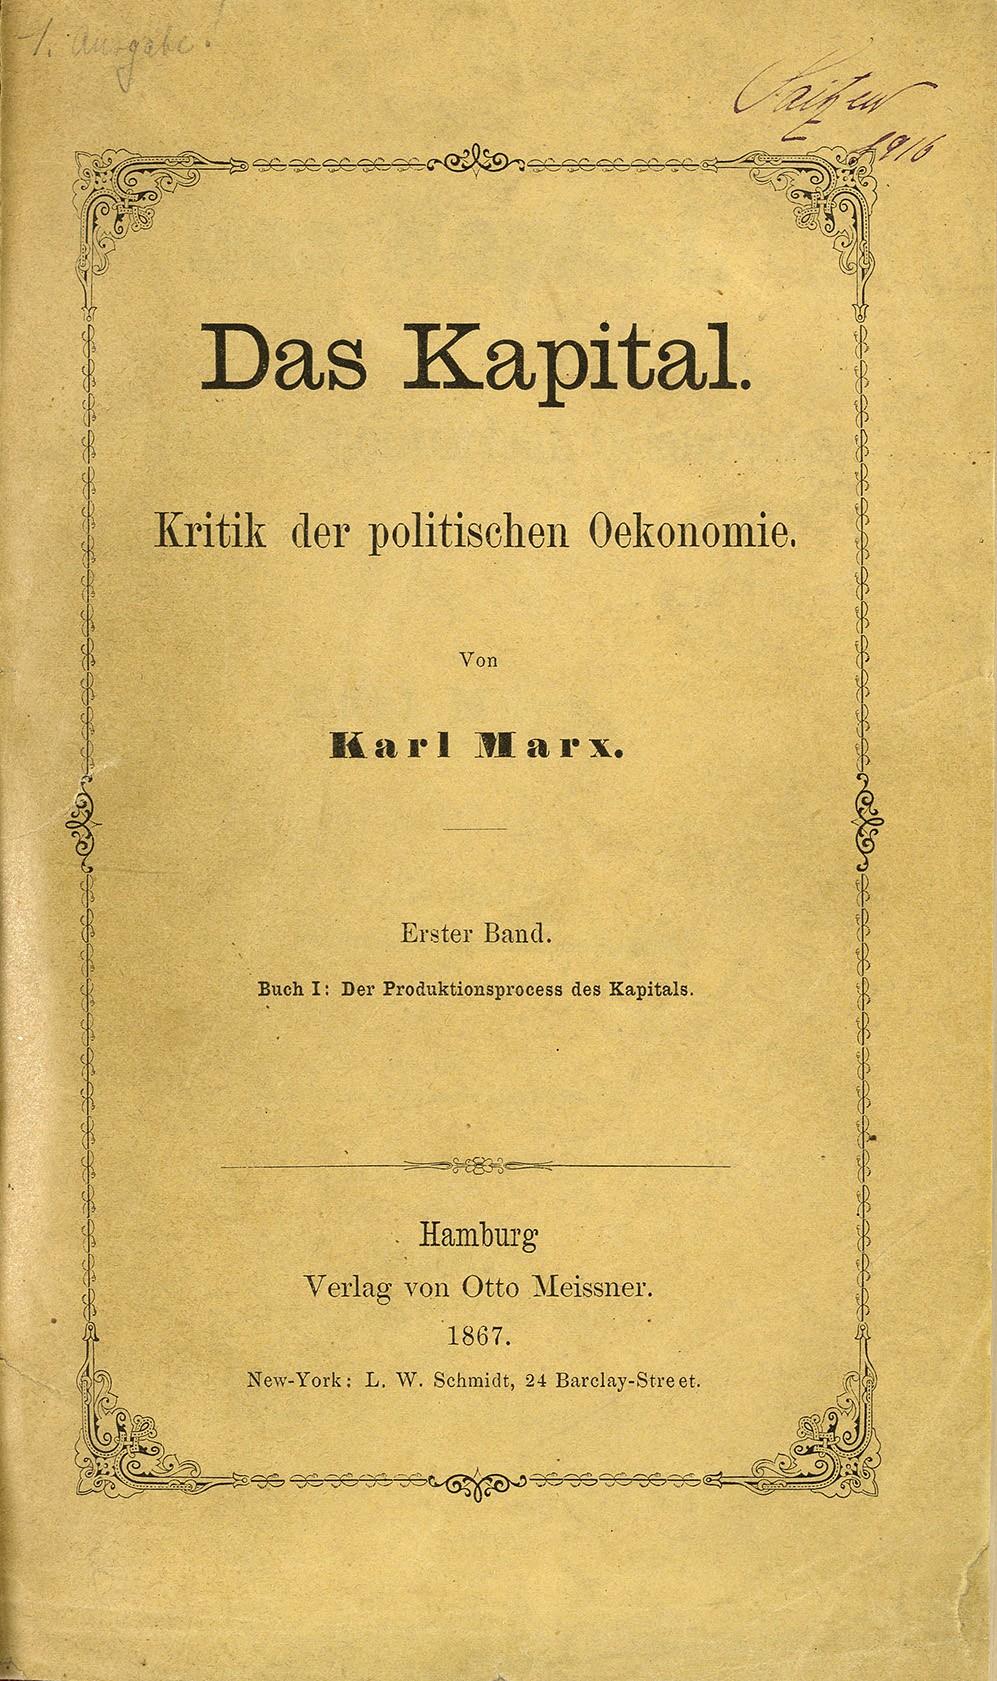 O Capital: Obra do pensador alemão que influenciou a revoluções comunistas no século 20 foi publicada pela primeira vez em 14 de setembro de 1867 (Foto: Wikimedia Commons)